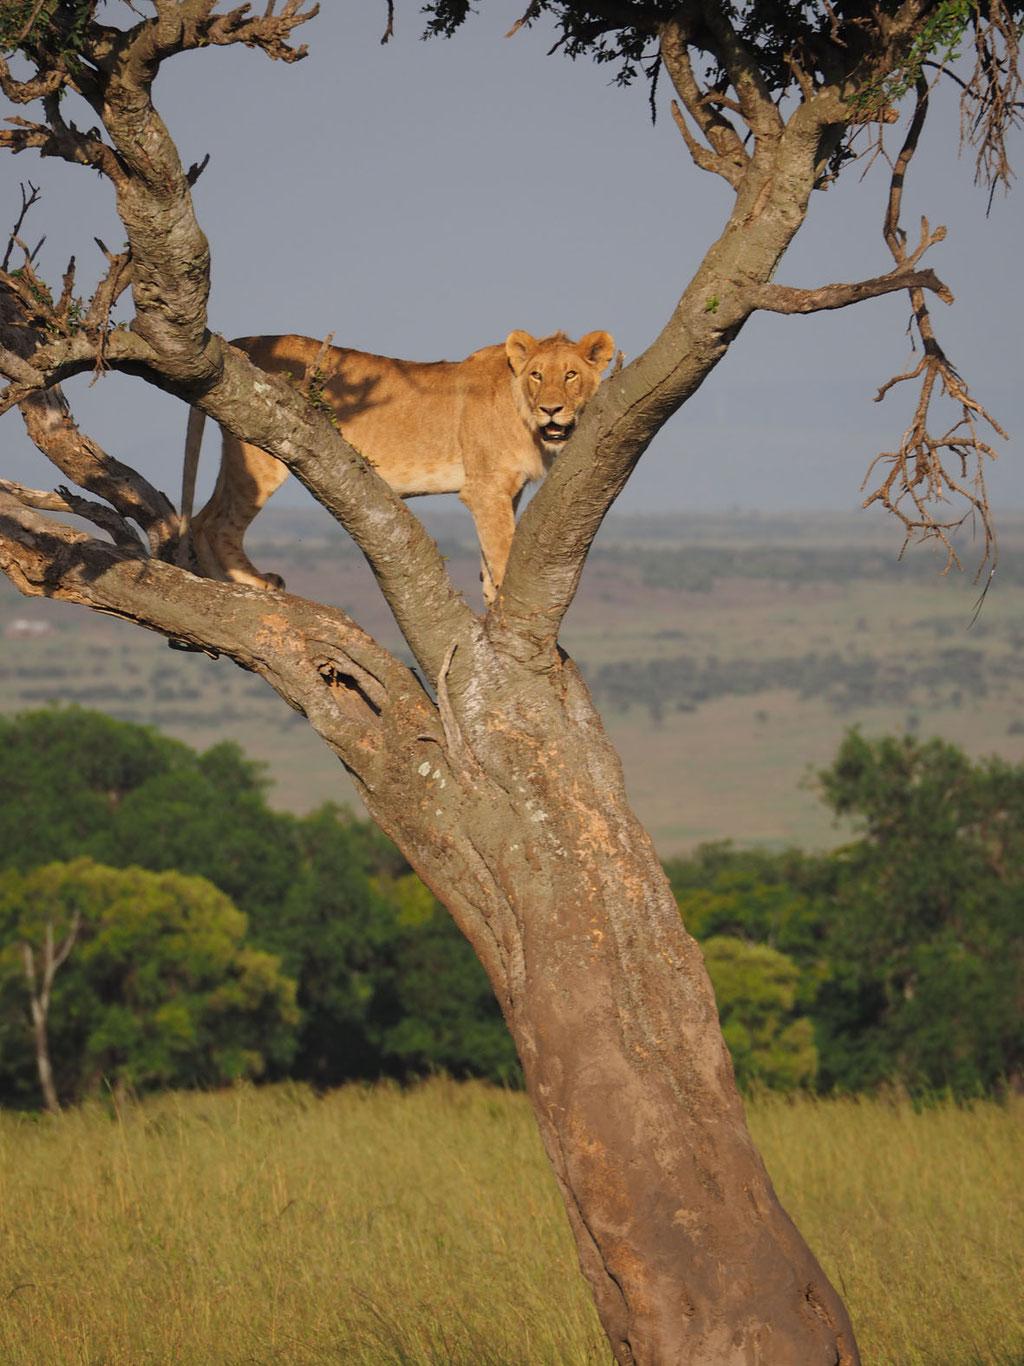 Kenia, Masai Mara: einer der wenigen Löwen, die auf Bäume klettern (weil ihnen der Abstieg nicht so leicht fällt)